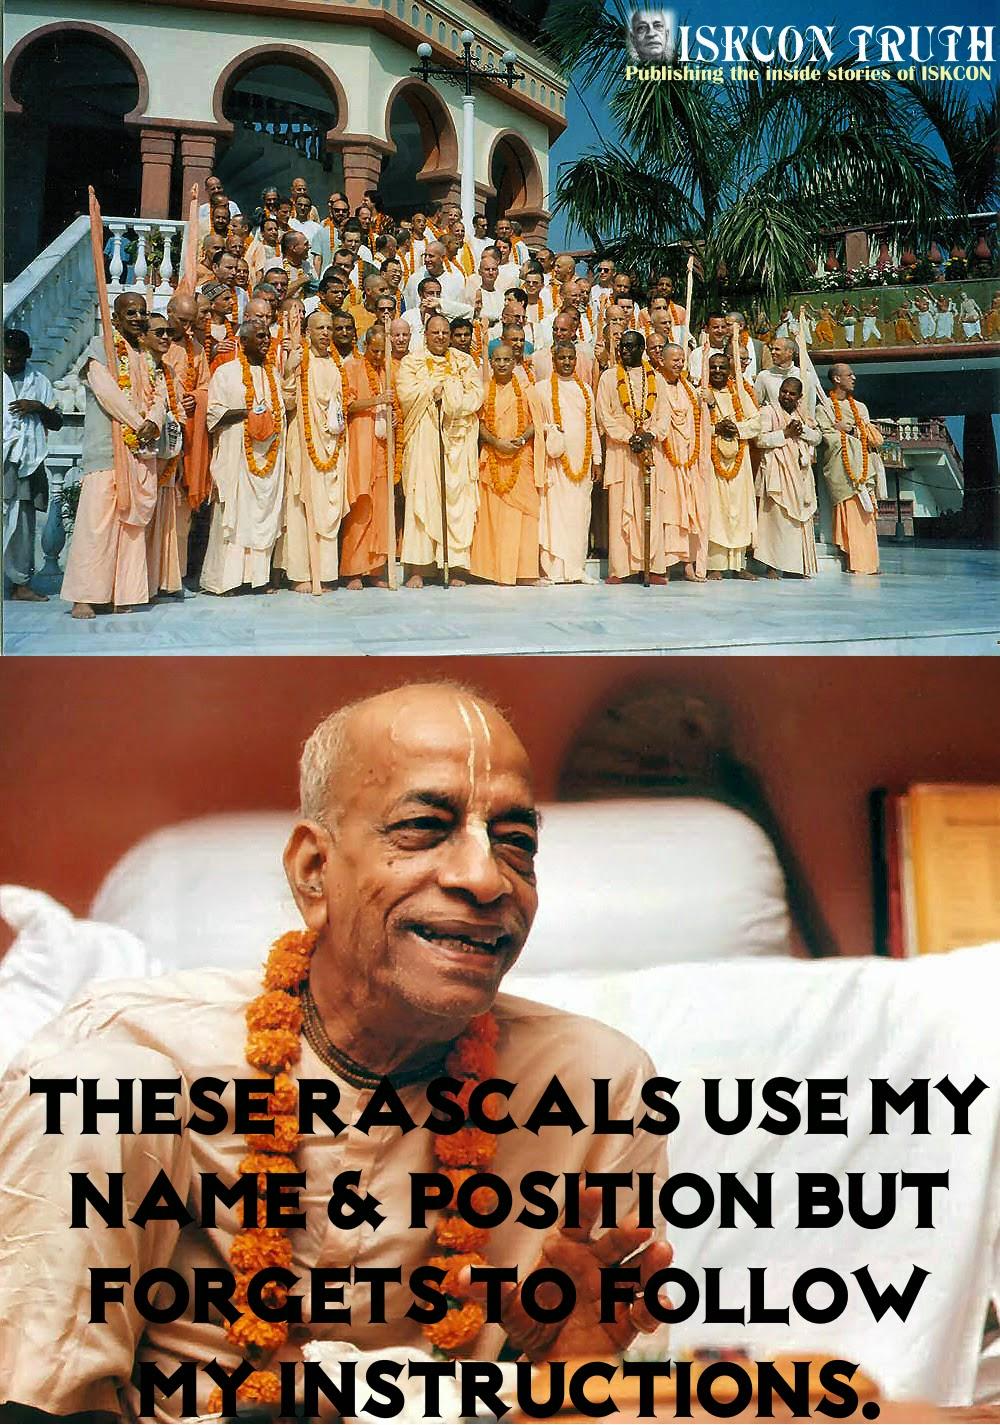 ISKCON guru, prabhupada, meme, fake gurus